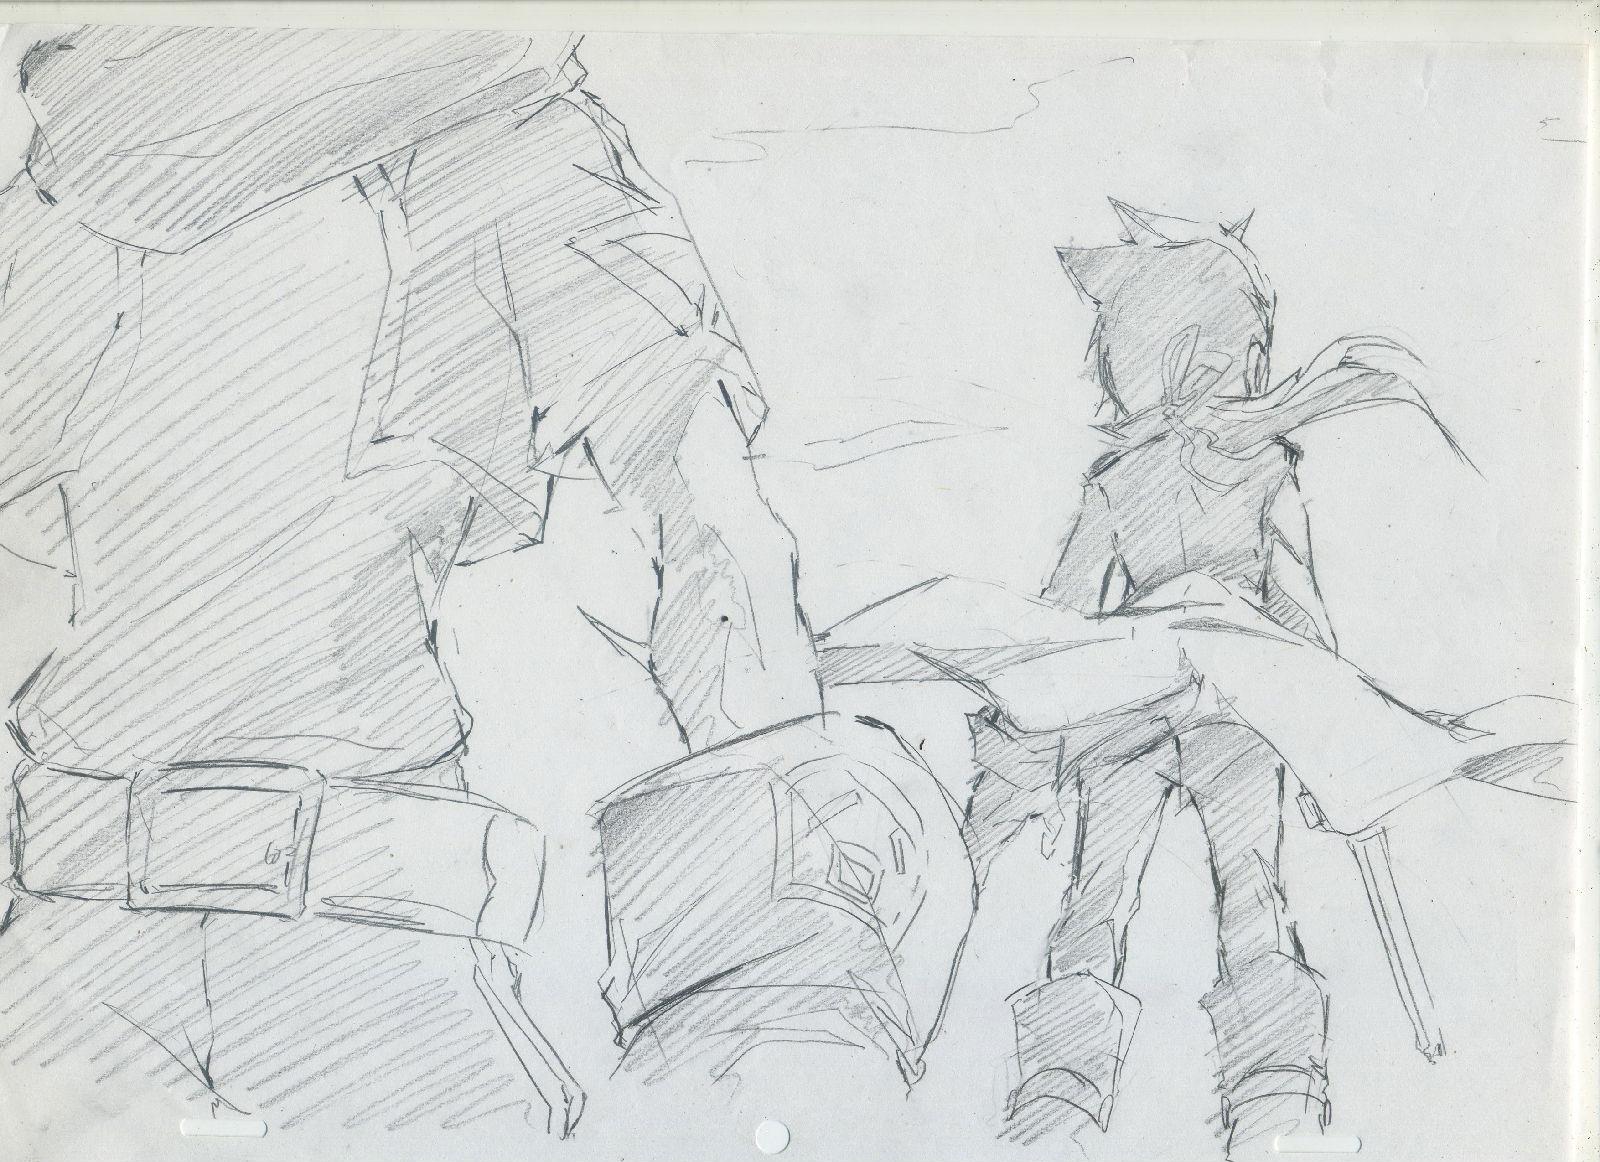 手绘铅笔漫画图片.